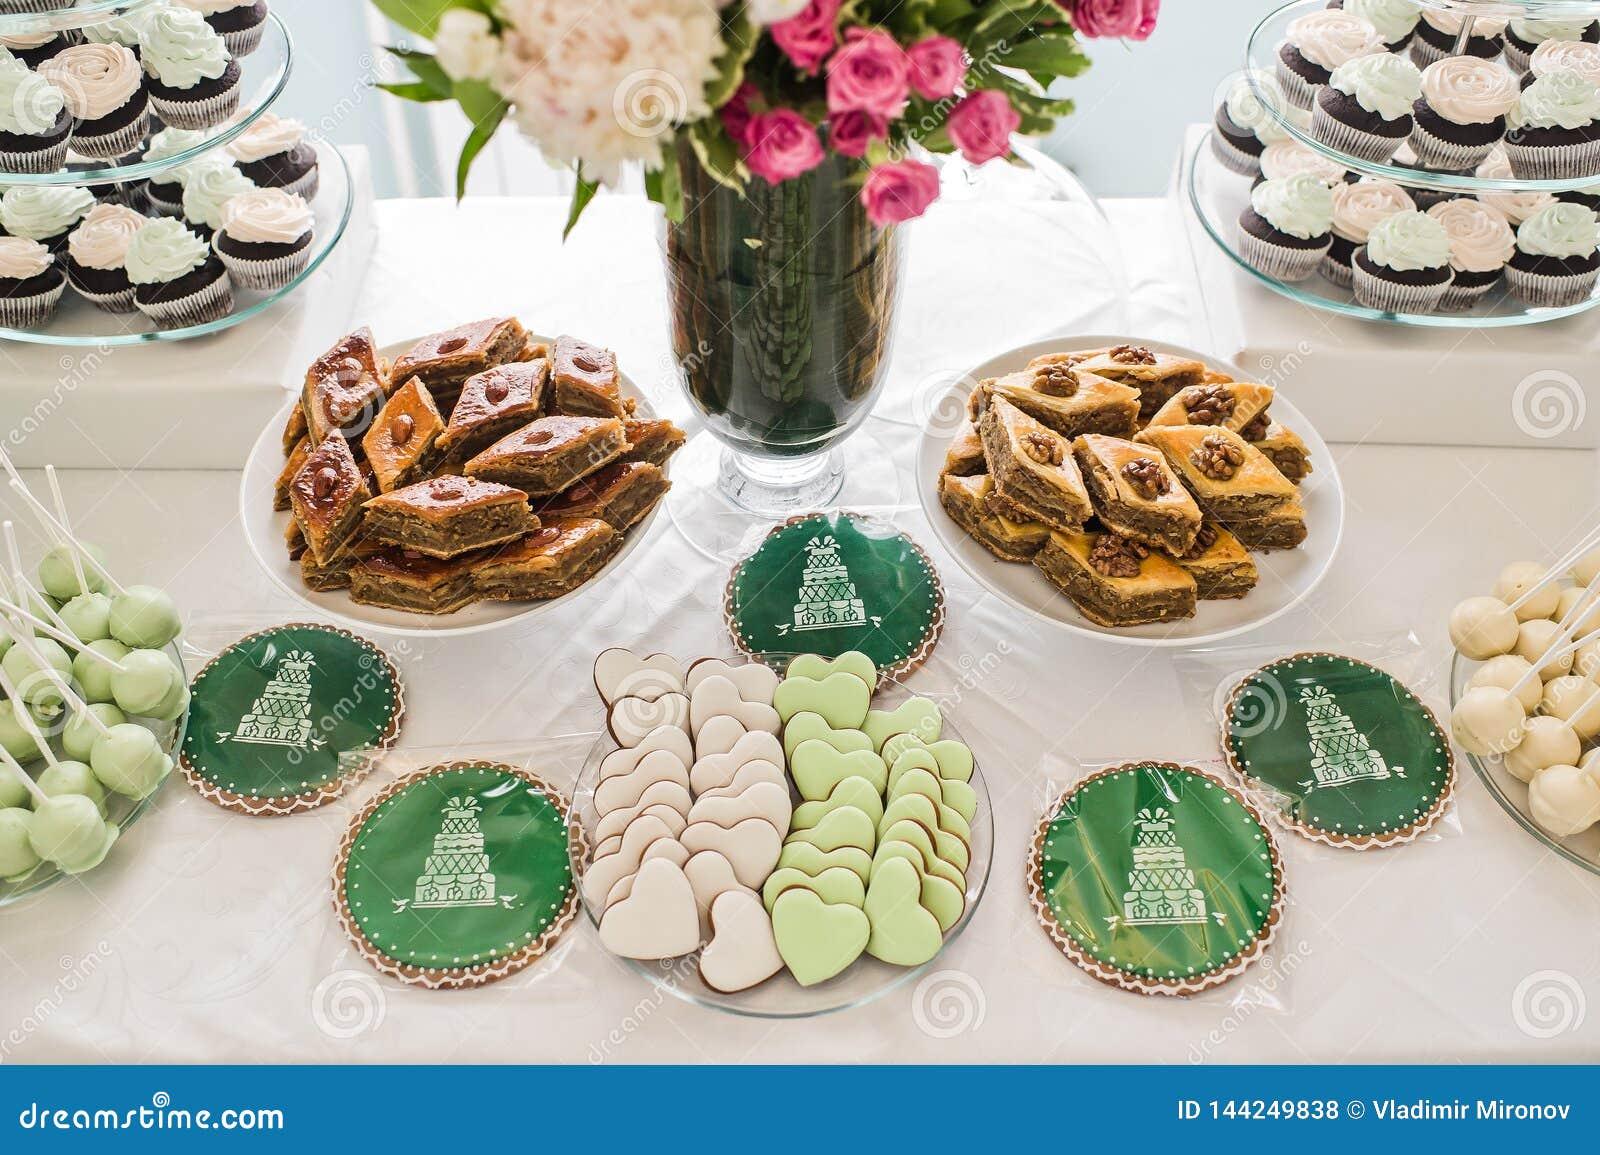 в форме Сердц печенья пинк и зеленая, сладкая таблица в ресторане